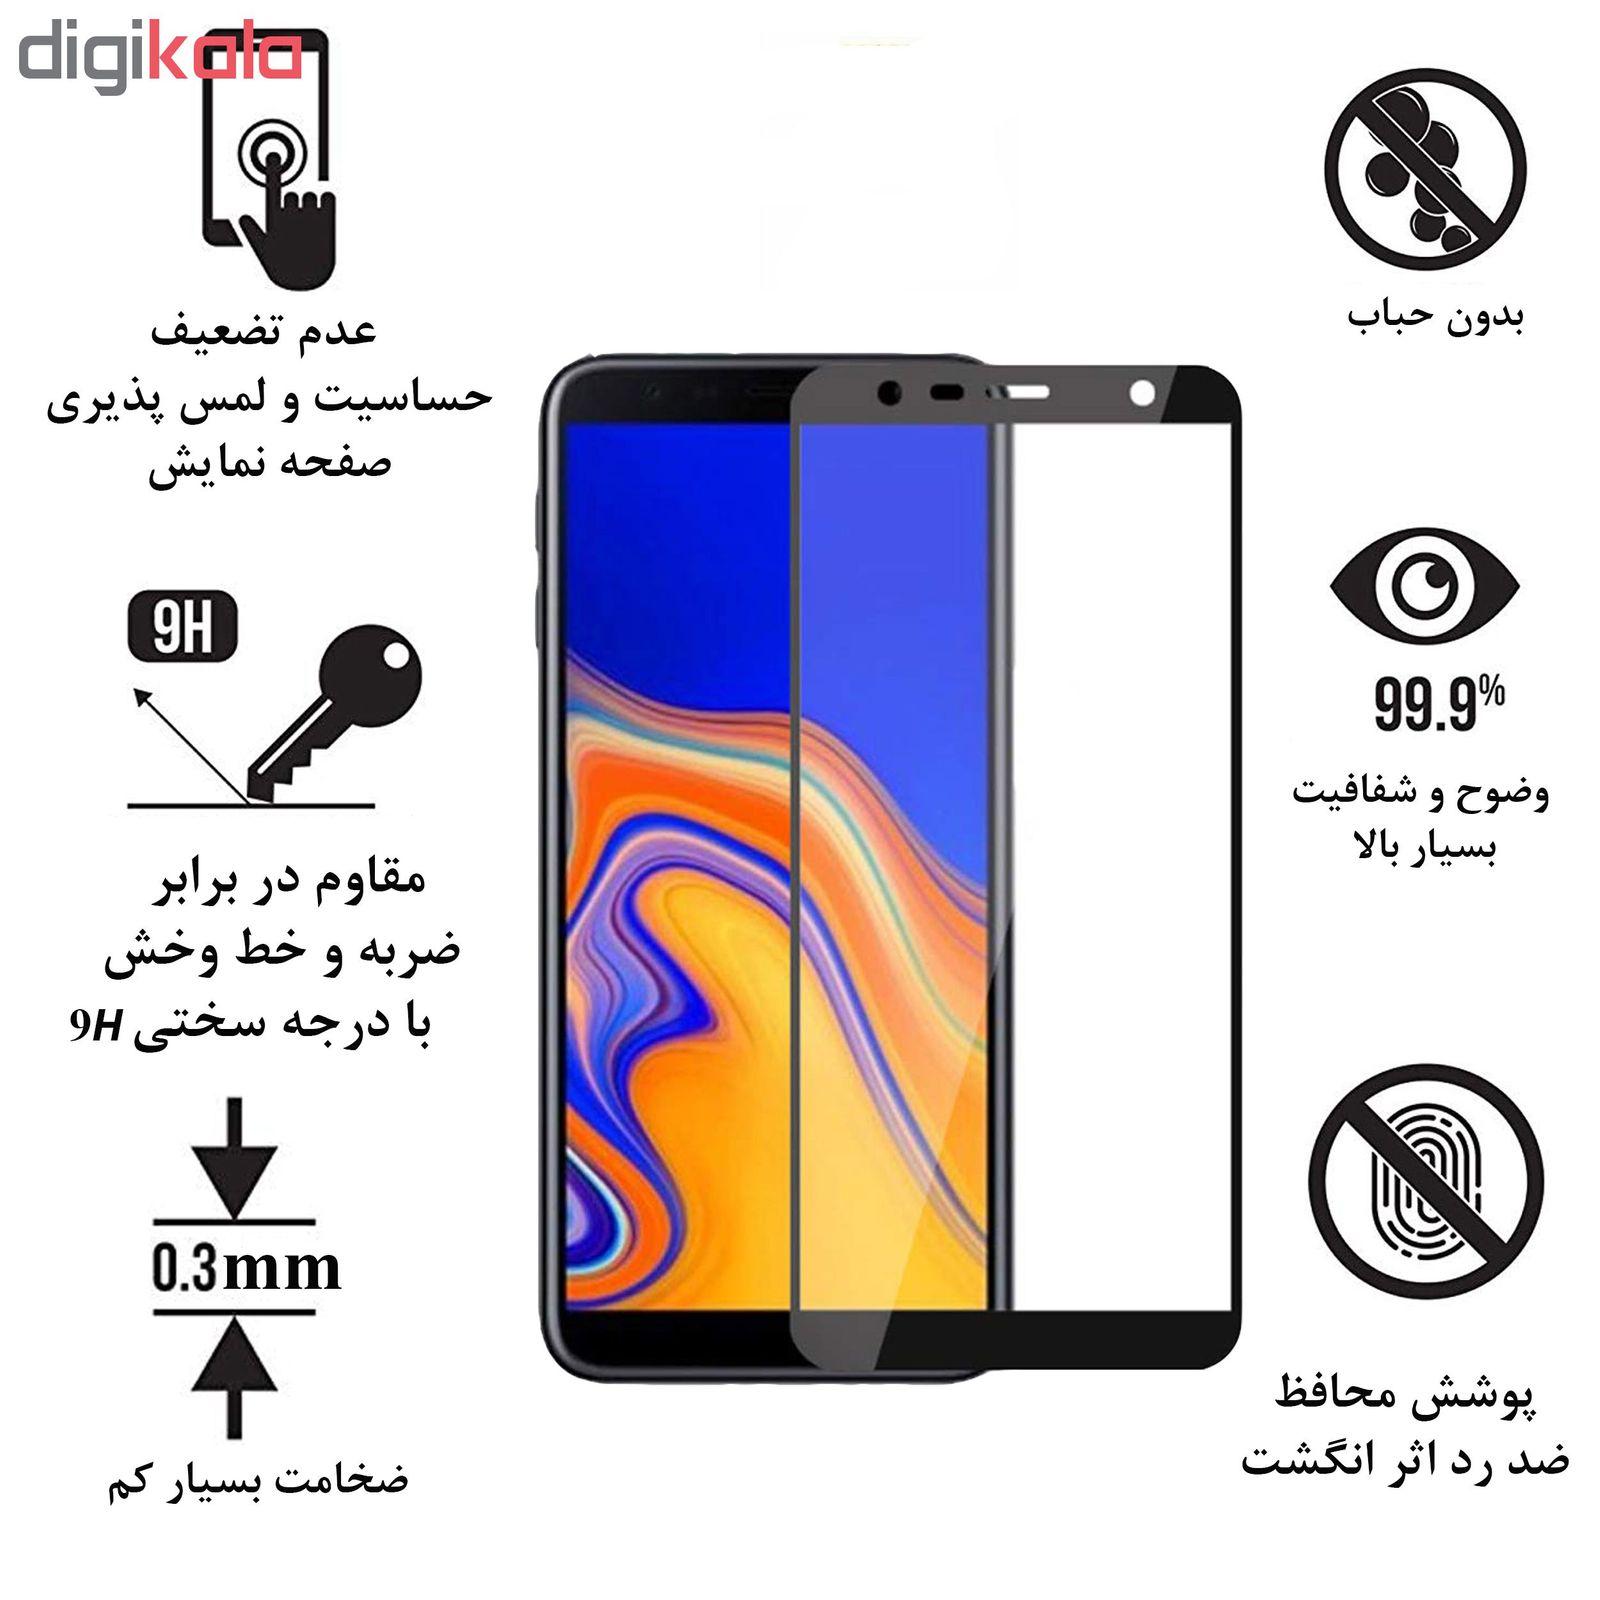 محافظ صفحه نمایش پیکسی مدل Treasure Trove مناسب برای گوشی موبایل سامسونگ Galaxy J6 Plus main 1 2